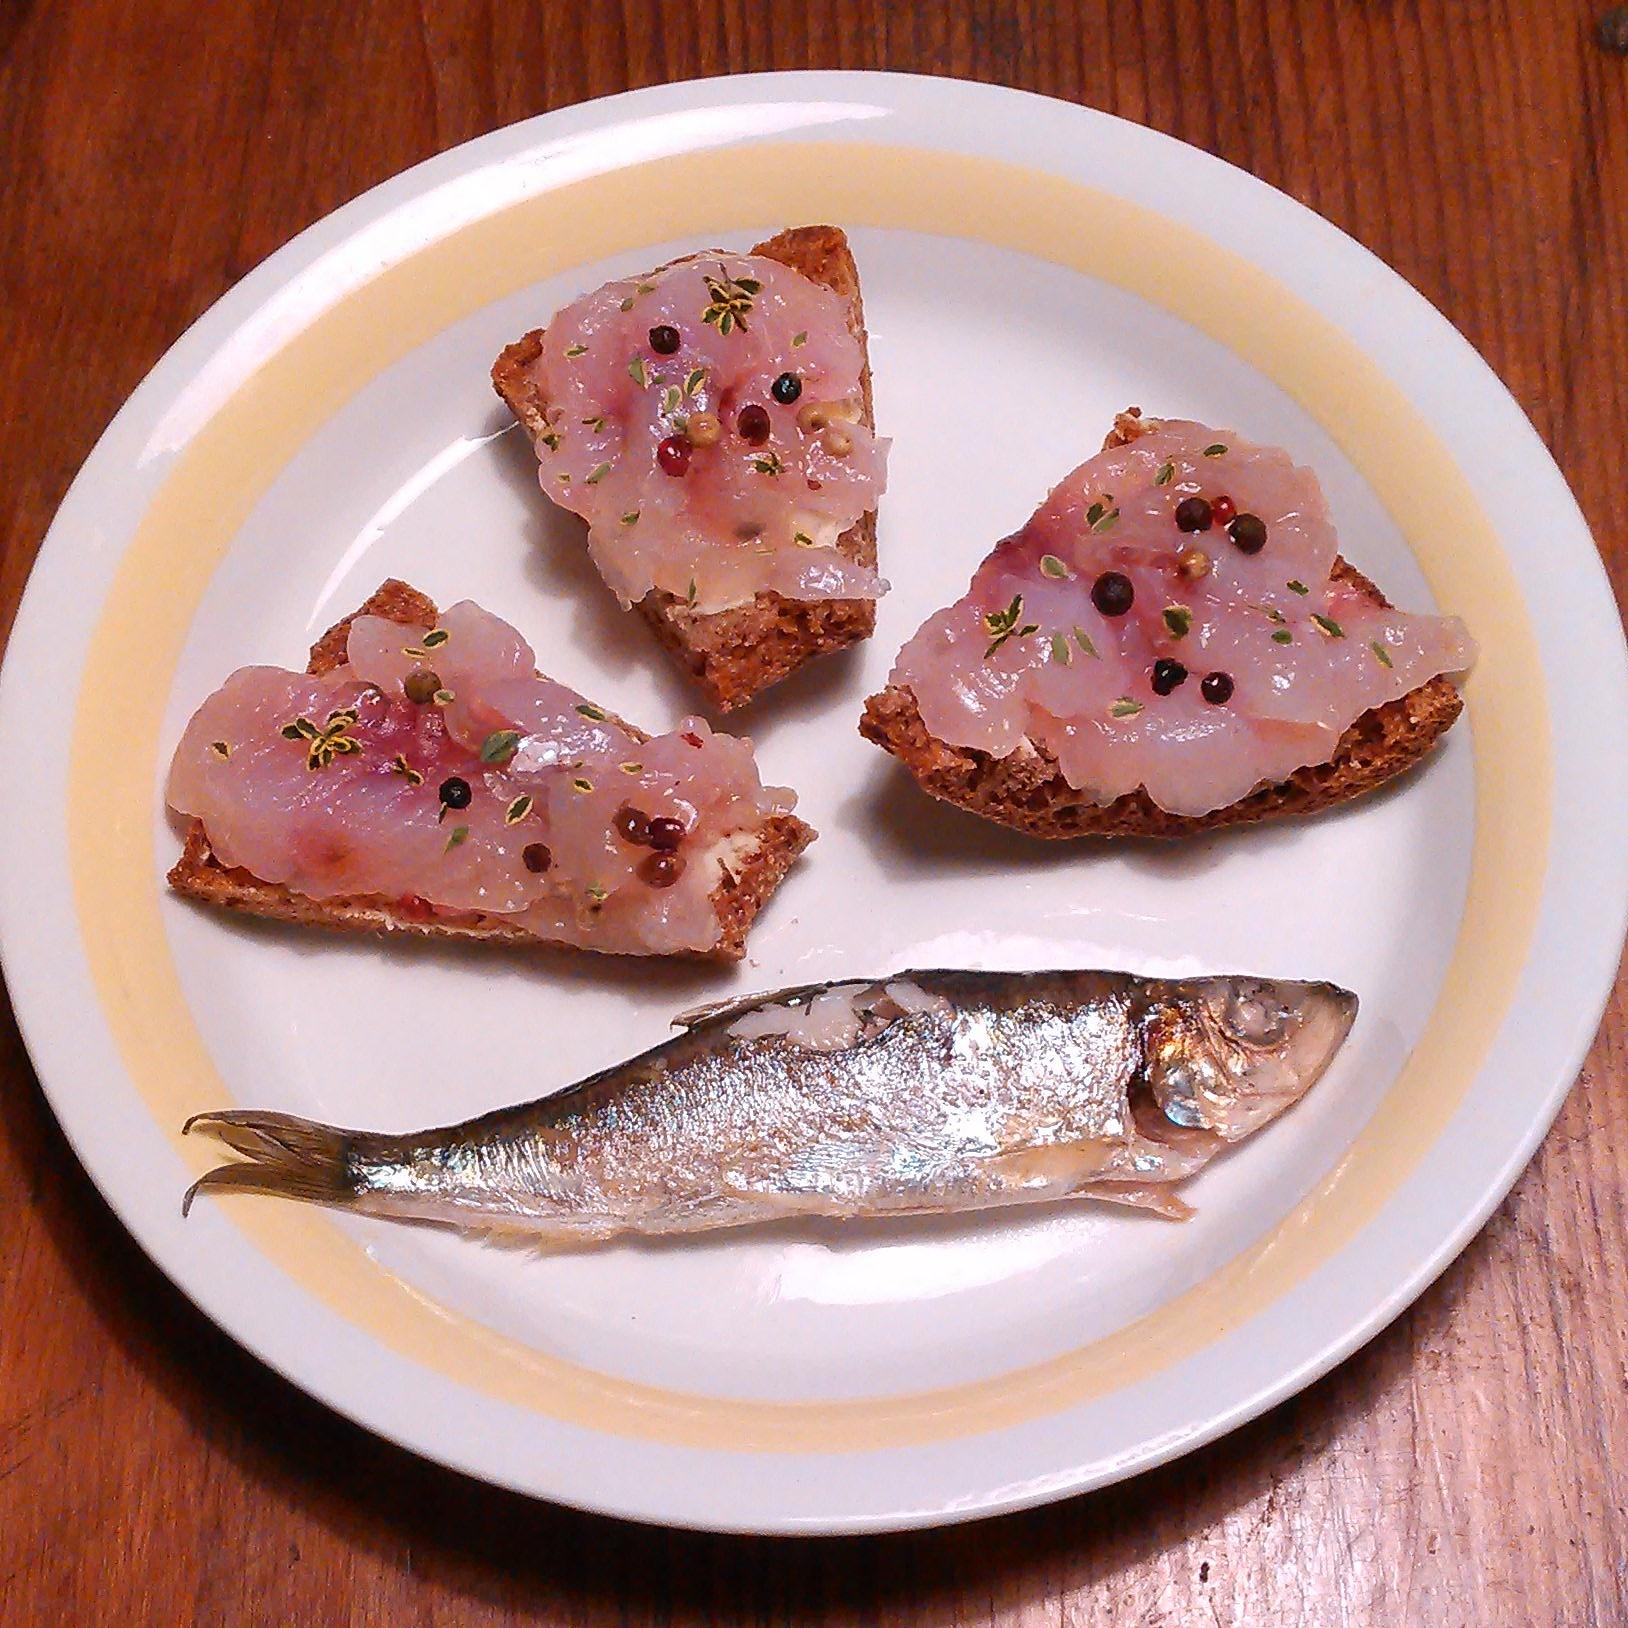 Selvfisket og gravet sik og stekt strømming nytes i den finske skjærgården. Litt einebær topper det hele.